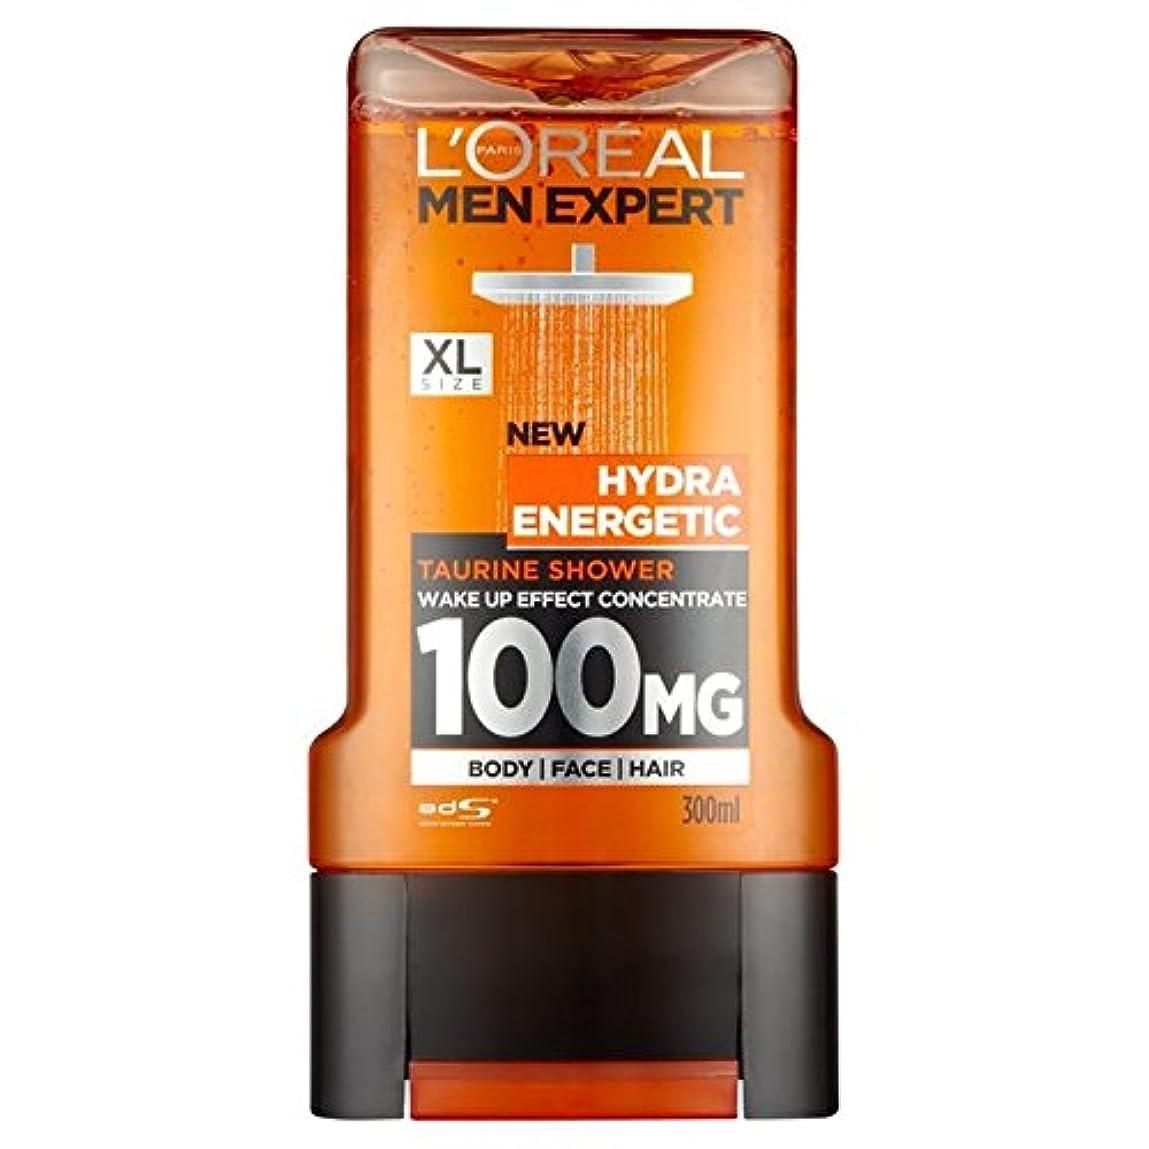 パイロット才能のある枢機卿ロレアルパリのメンズ専門家ヒドラエネルギッシュなシャワージェル300ミリリットル x4 - L'Oreal Paris Men Expert Hydra Energetic Shower Gel 300ml (Pack...